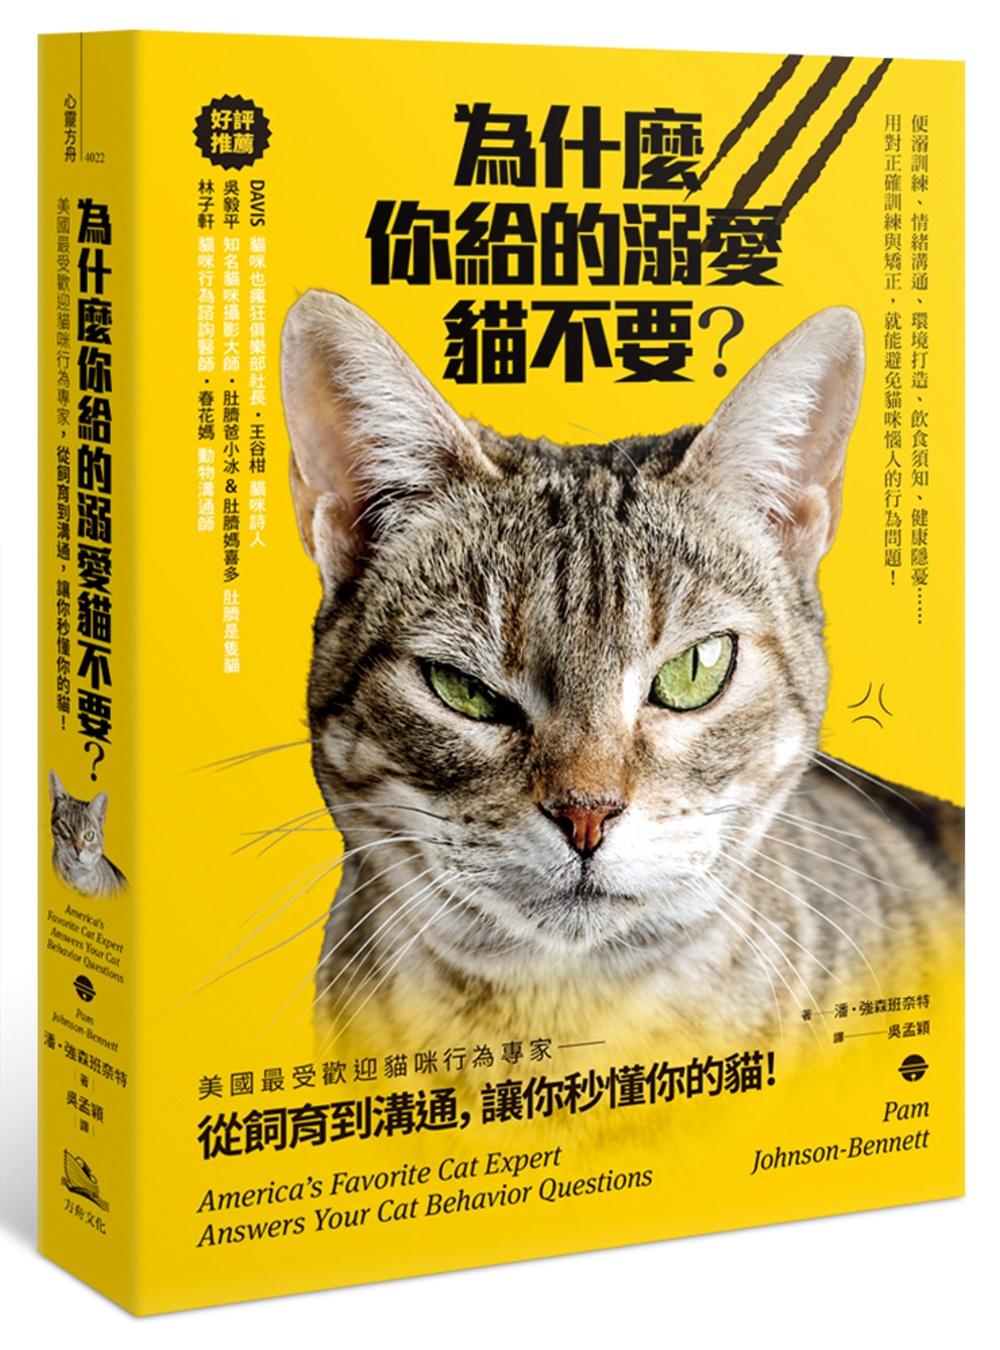 試閱 為什麼你給的溺愛貓不要?美國最受歡迎貓咪行為專家,從飼育到溝通,讓你秒懂你的貓!